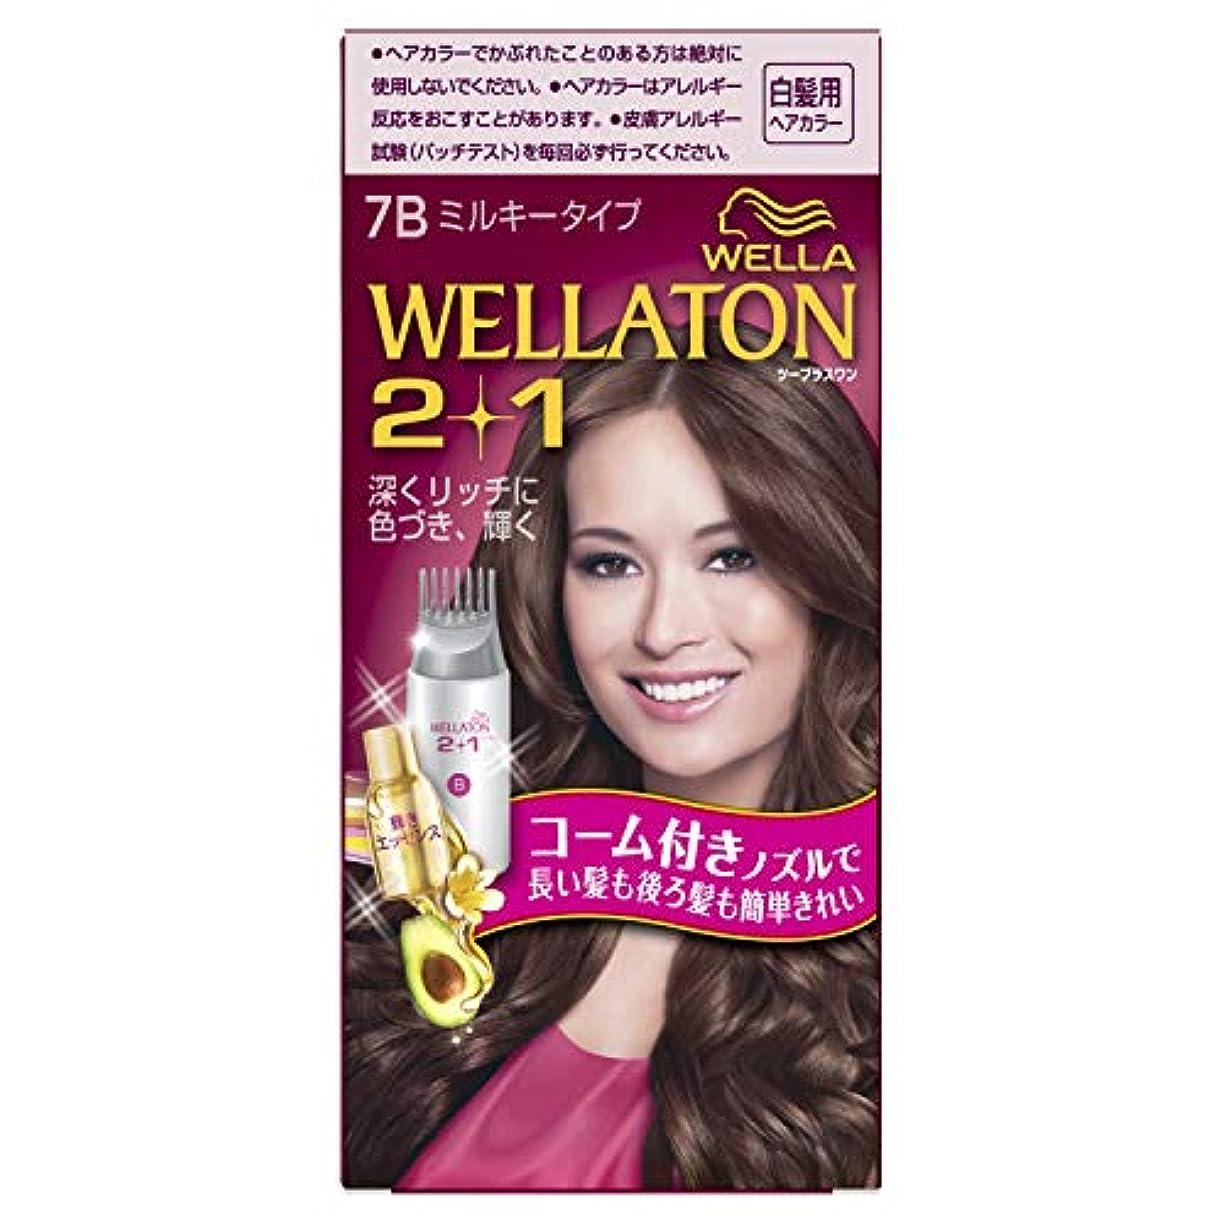 機動大きさキルス[医薬部外品]ウエラトーン 2+1 ミルキー EX 7B 明るいピュアブラウン(おしゃれな白髪染め)